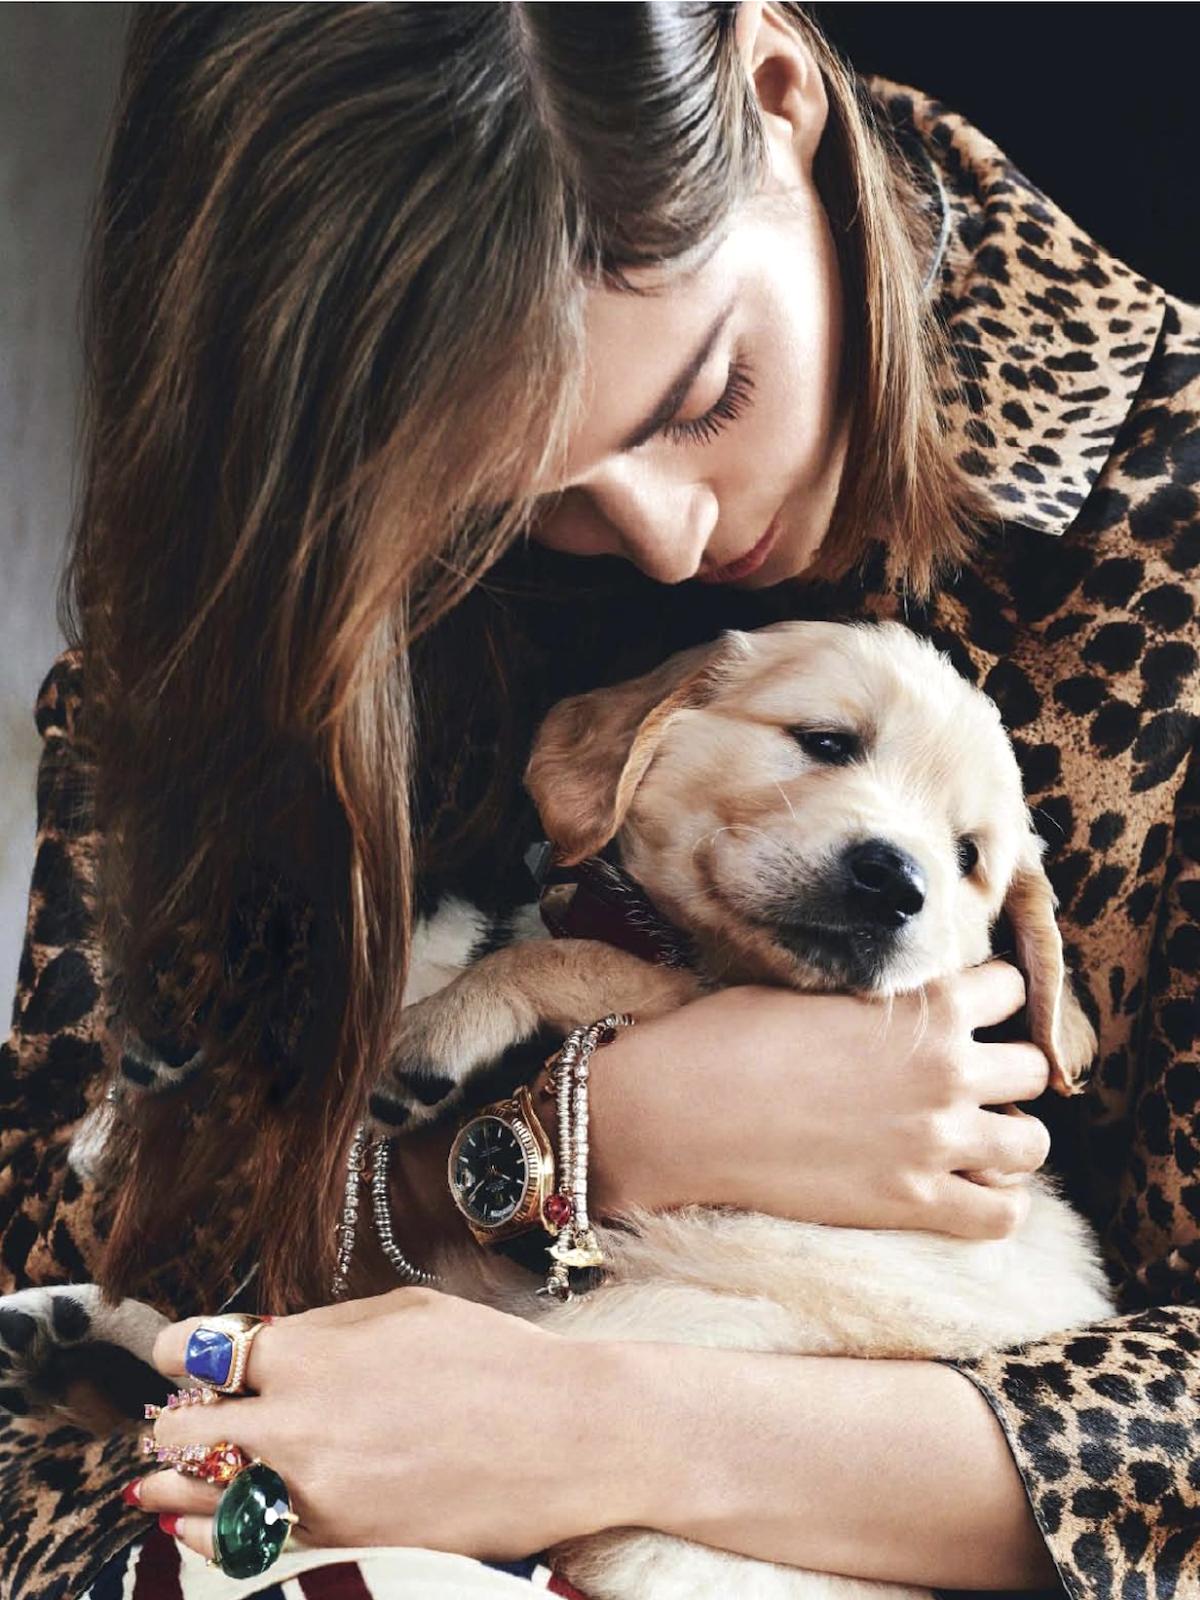 Elle France November 2013 (photography: Bjarne Jonasson, styling: Elisabeth Akessoul & Marie Lichtenberg, model: Anouk Hagemeijer)